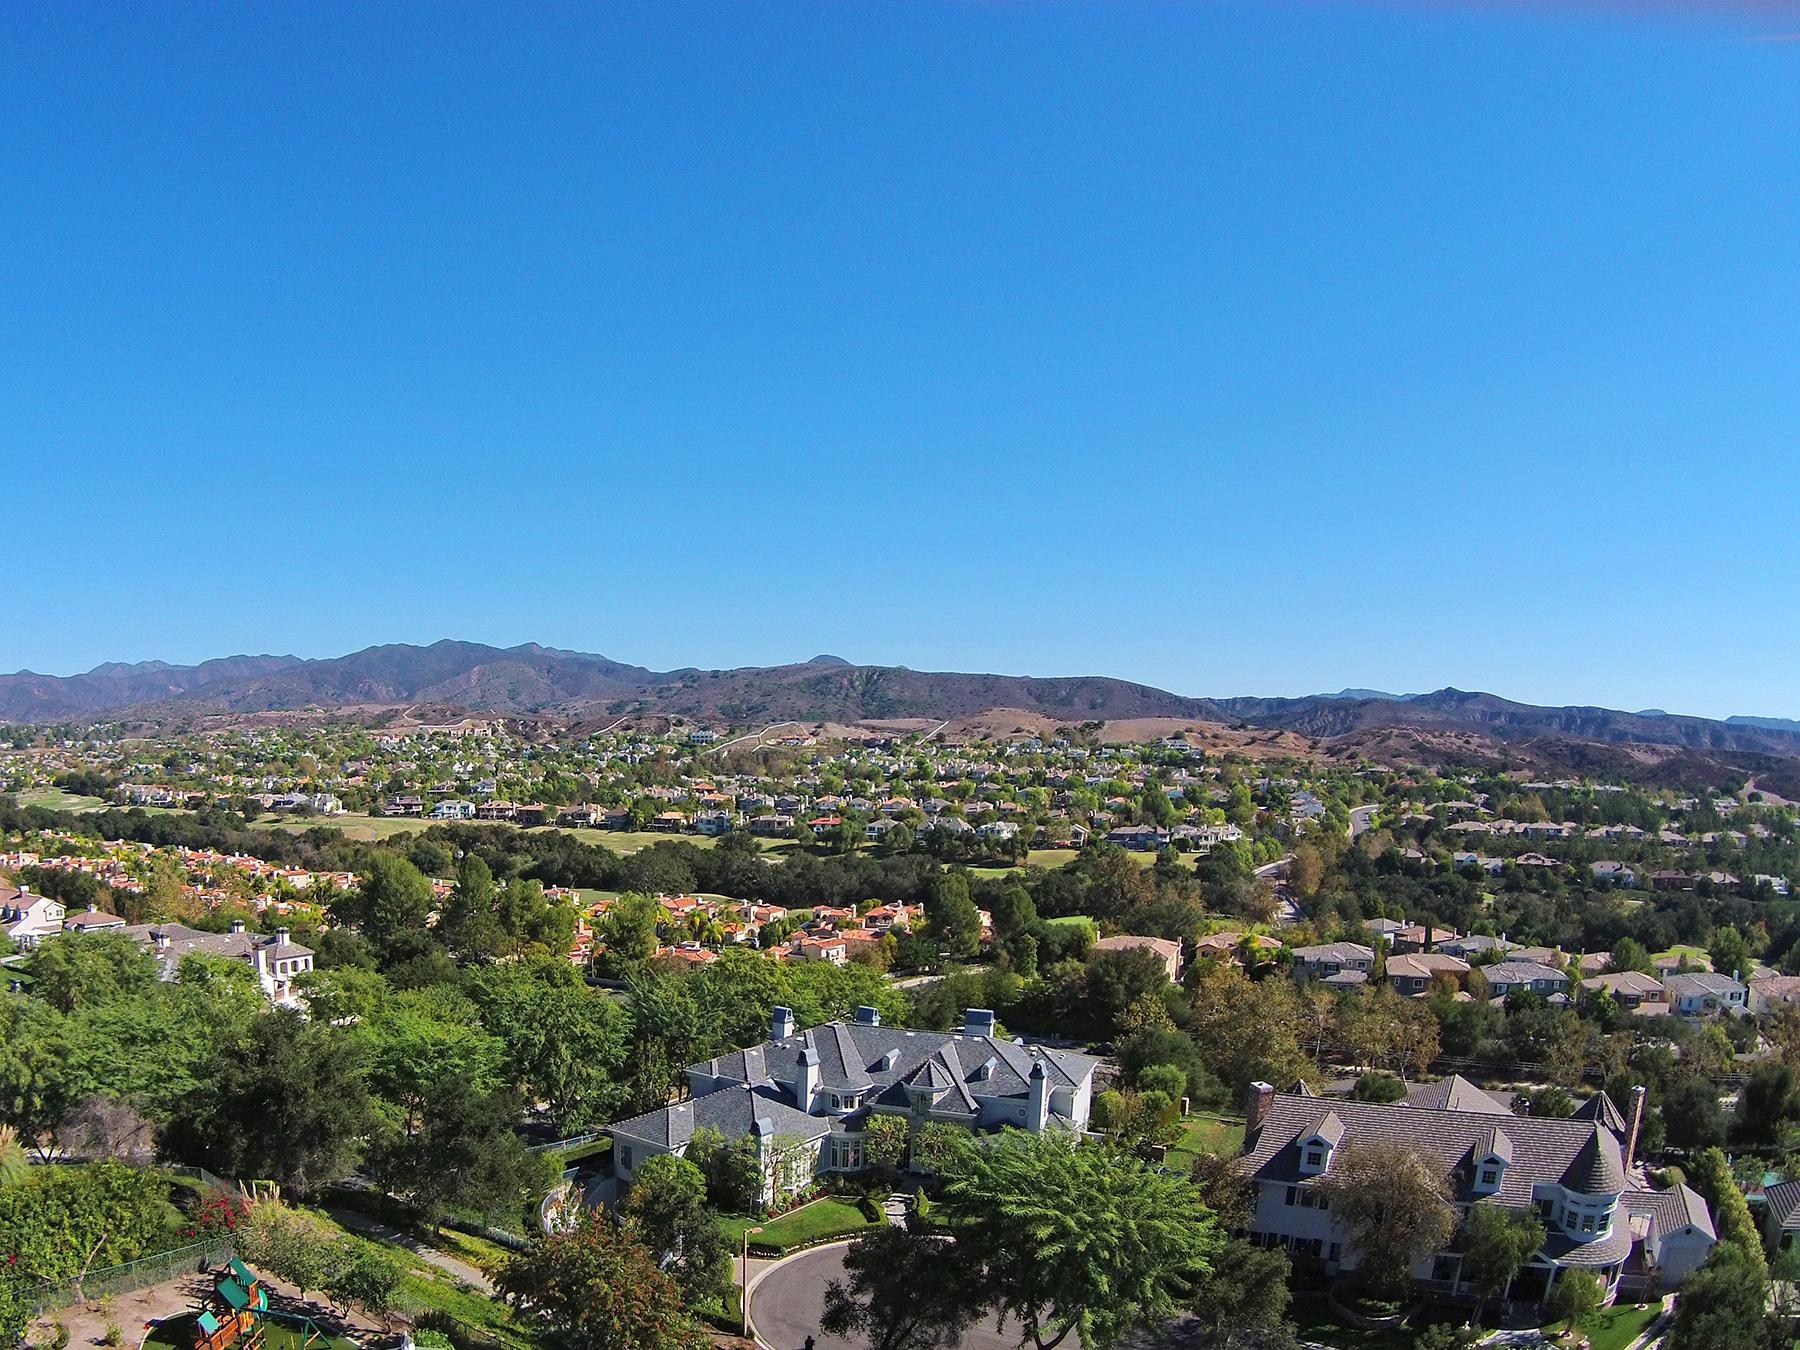 Частный односемейный дом для того Продажа на Coto De Caza 2 Shetland Coto De Caza, Калифорния, 92679 Соединенные Штаты